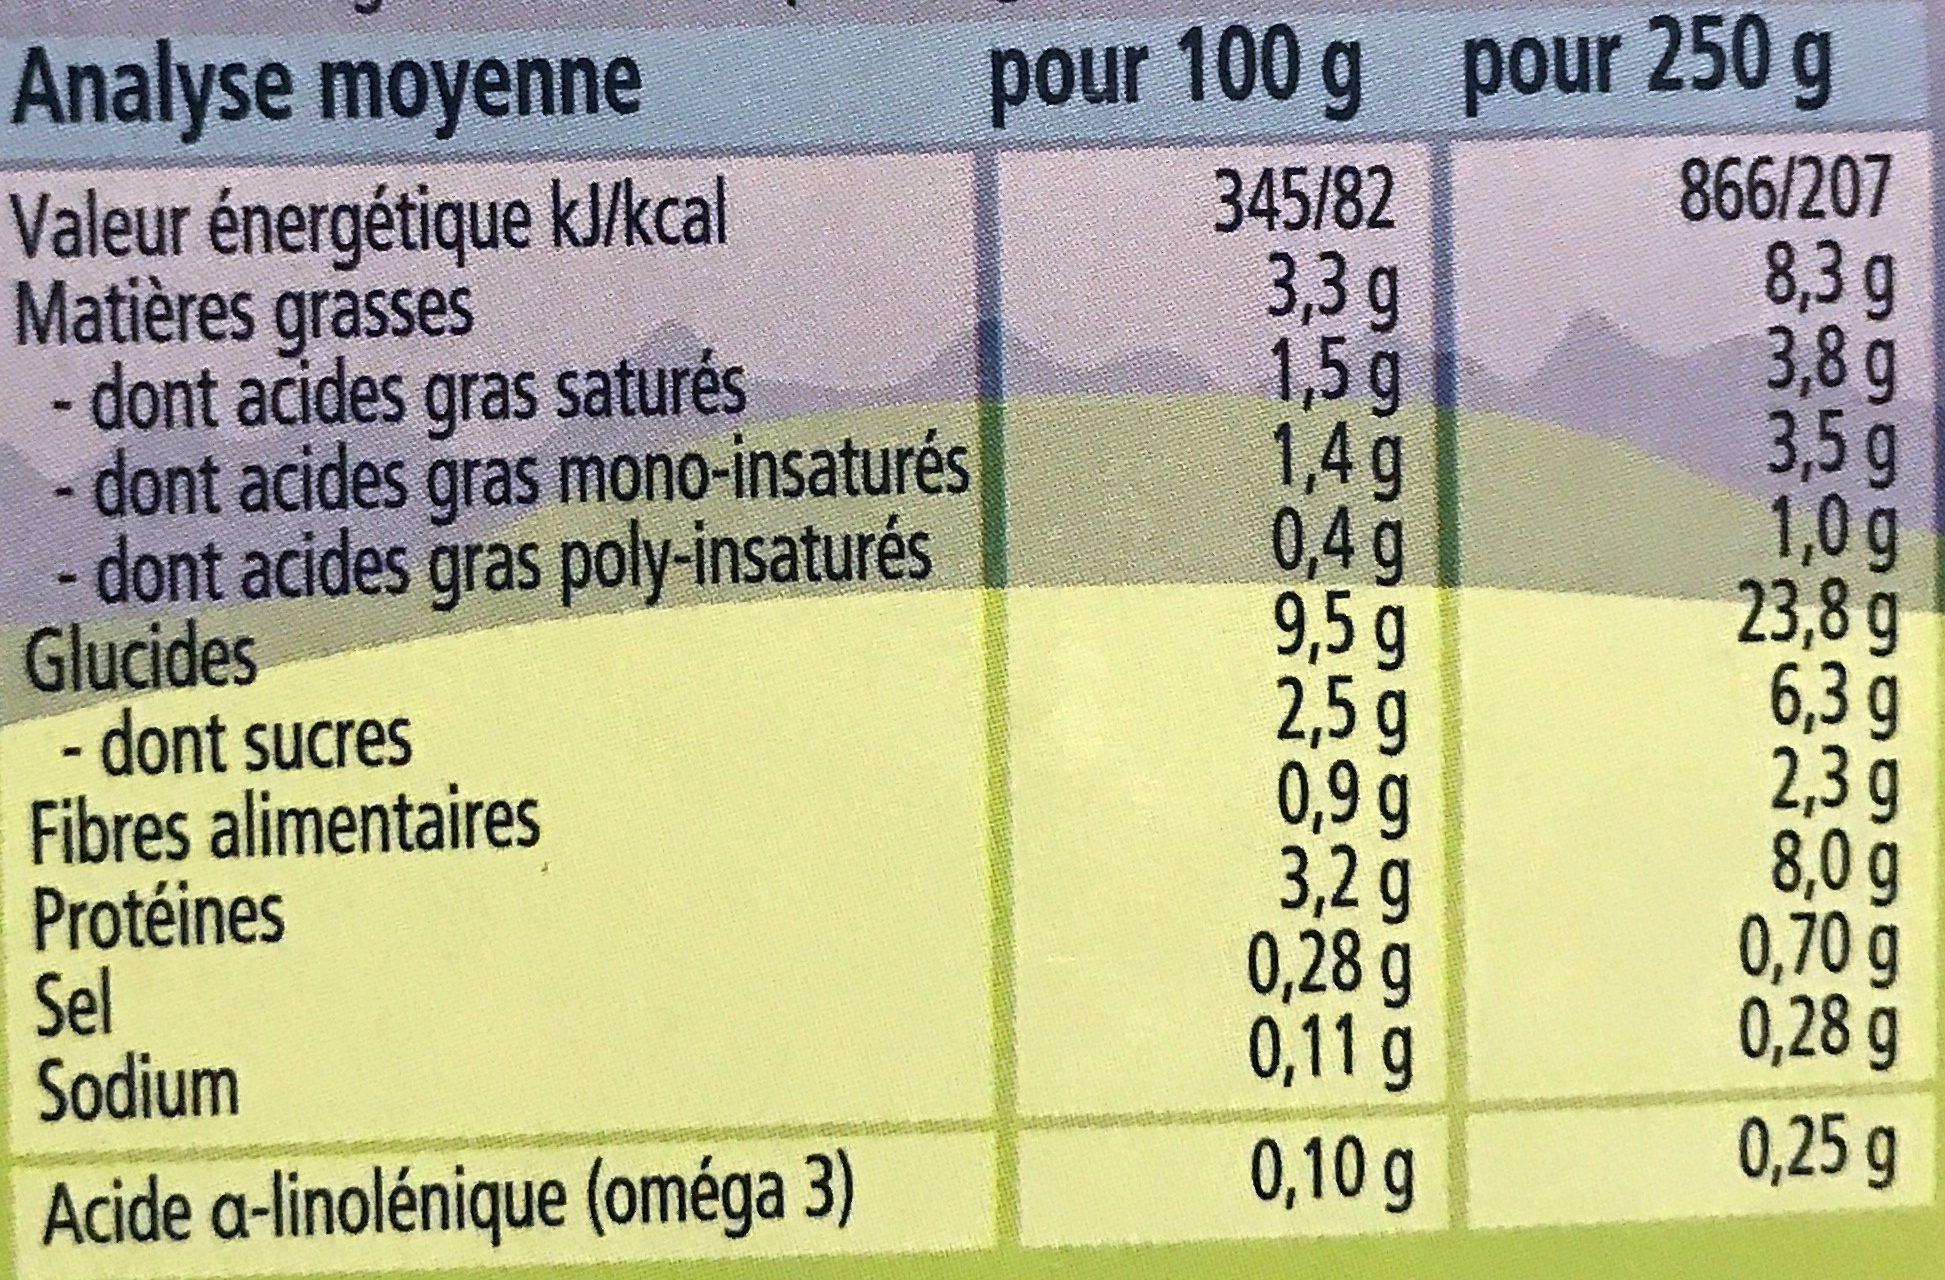 Petites Pâtes aux Légumes - Nutrition facts